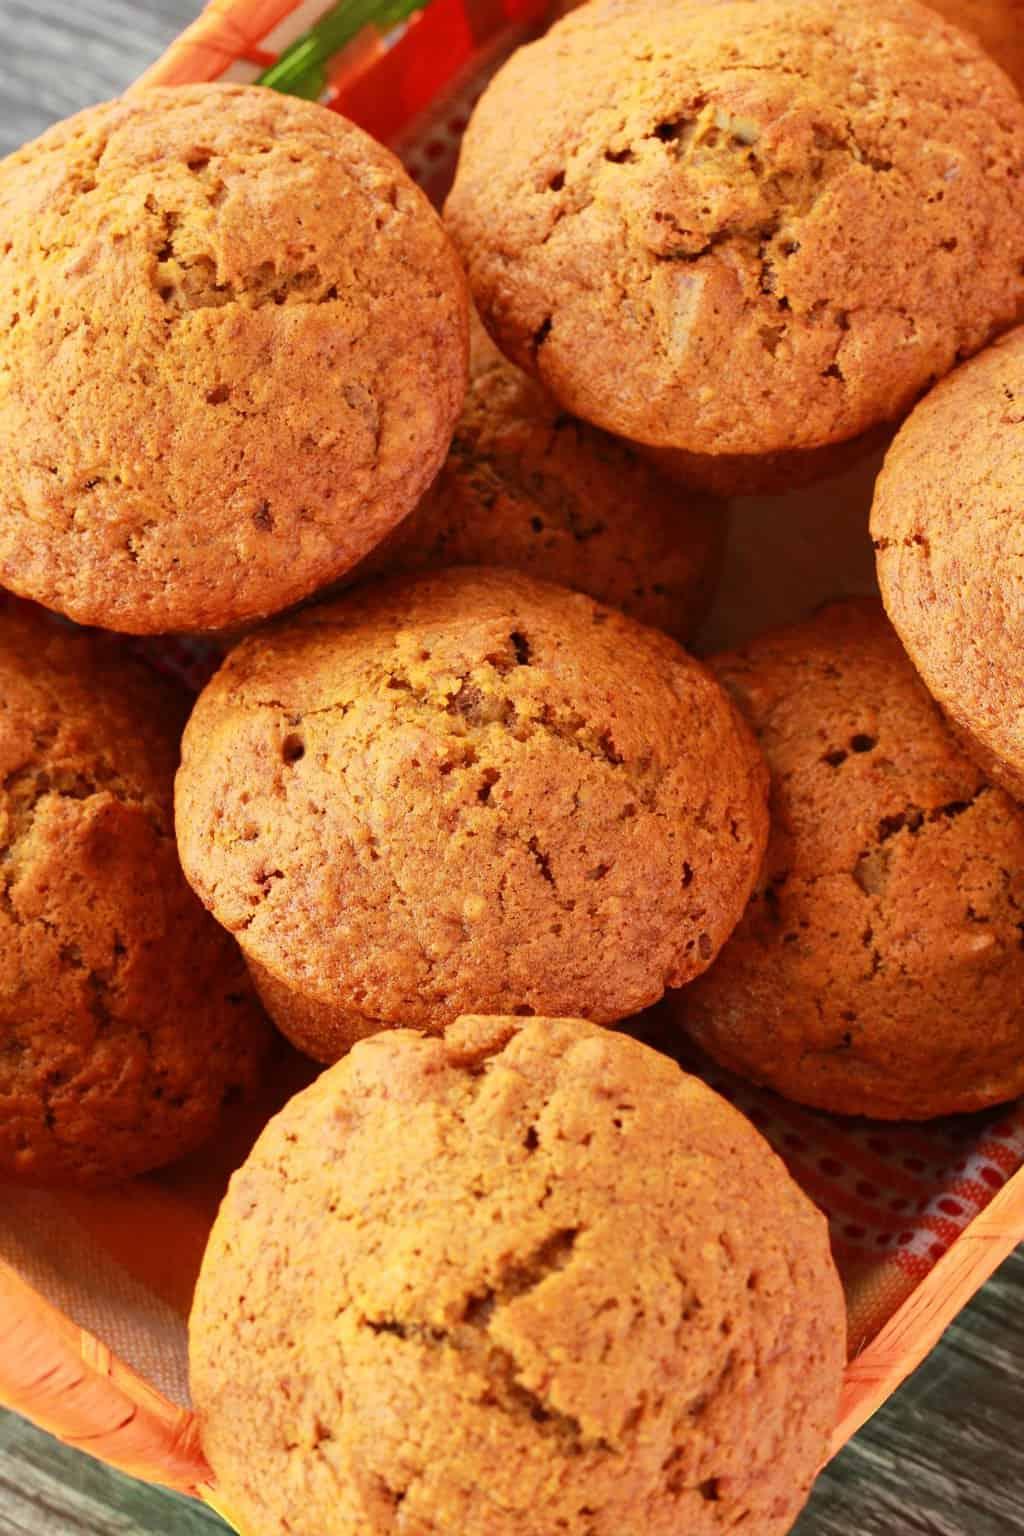 Vegan pumpkin muffins in a woven basket.